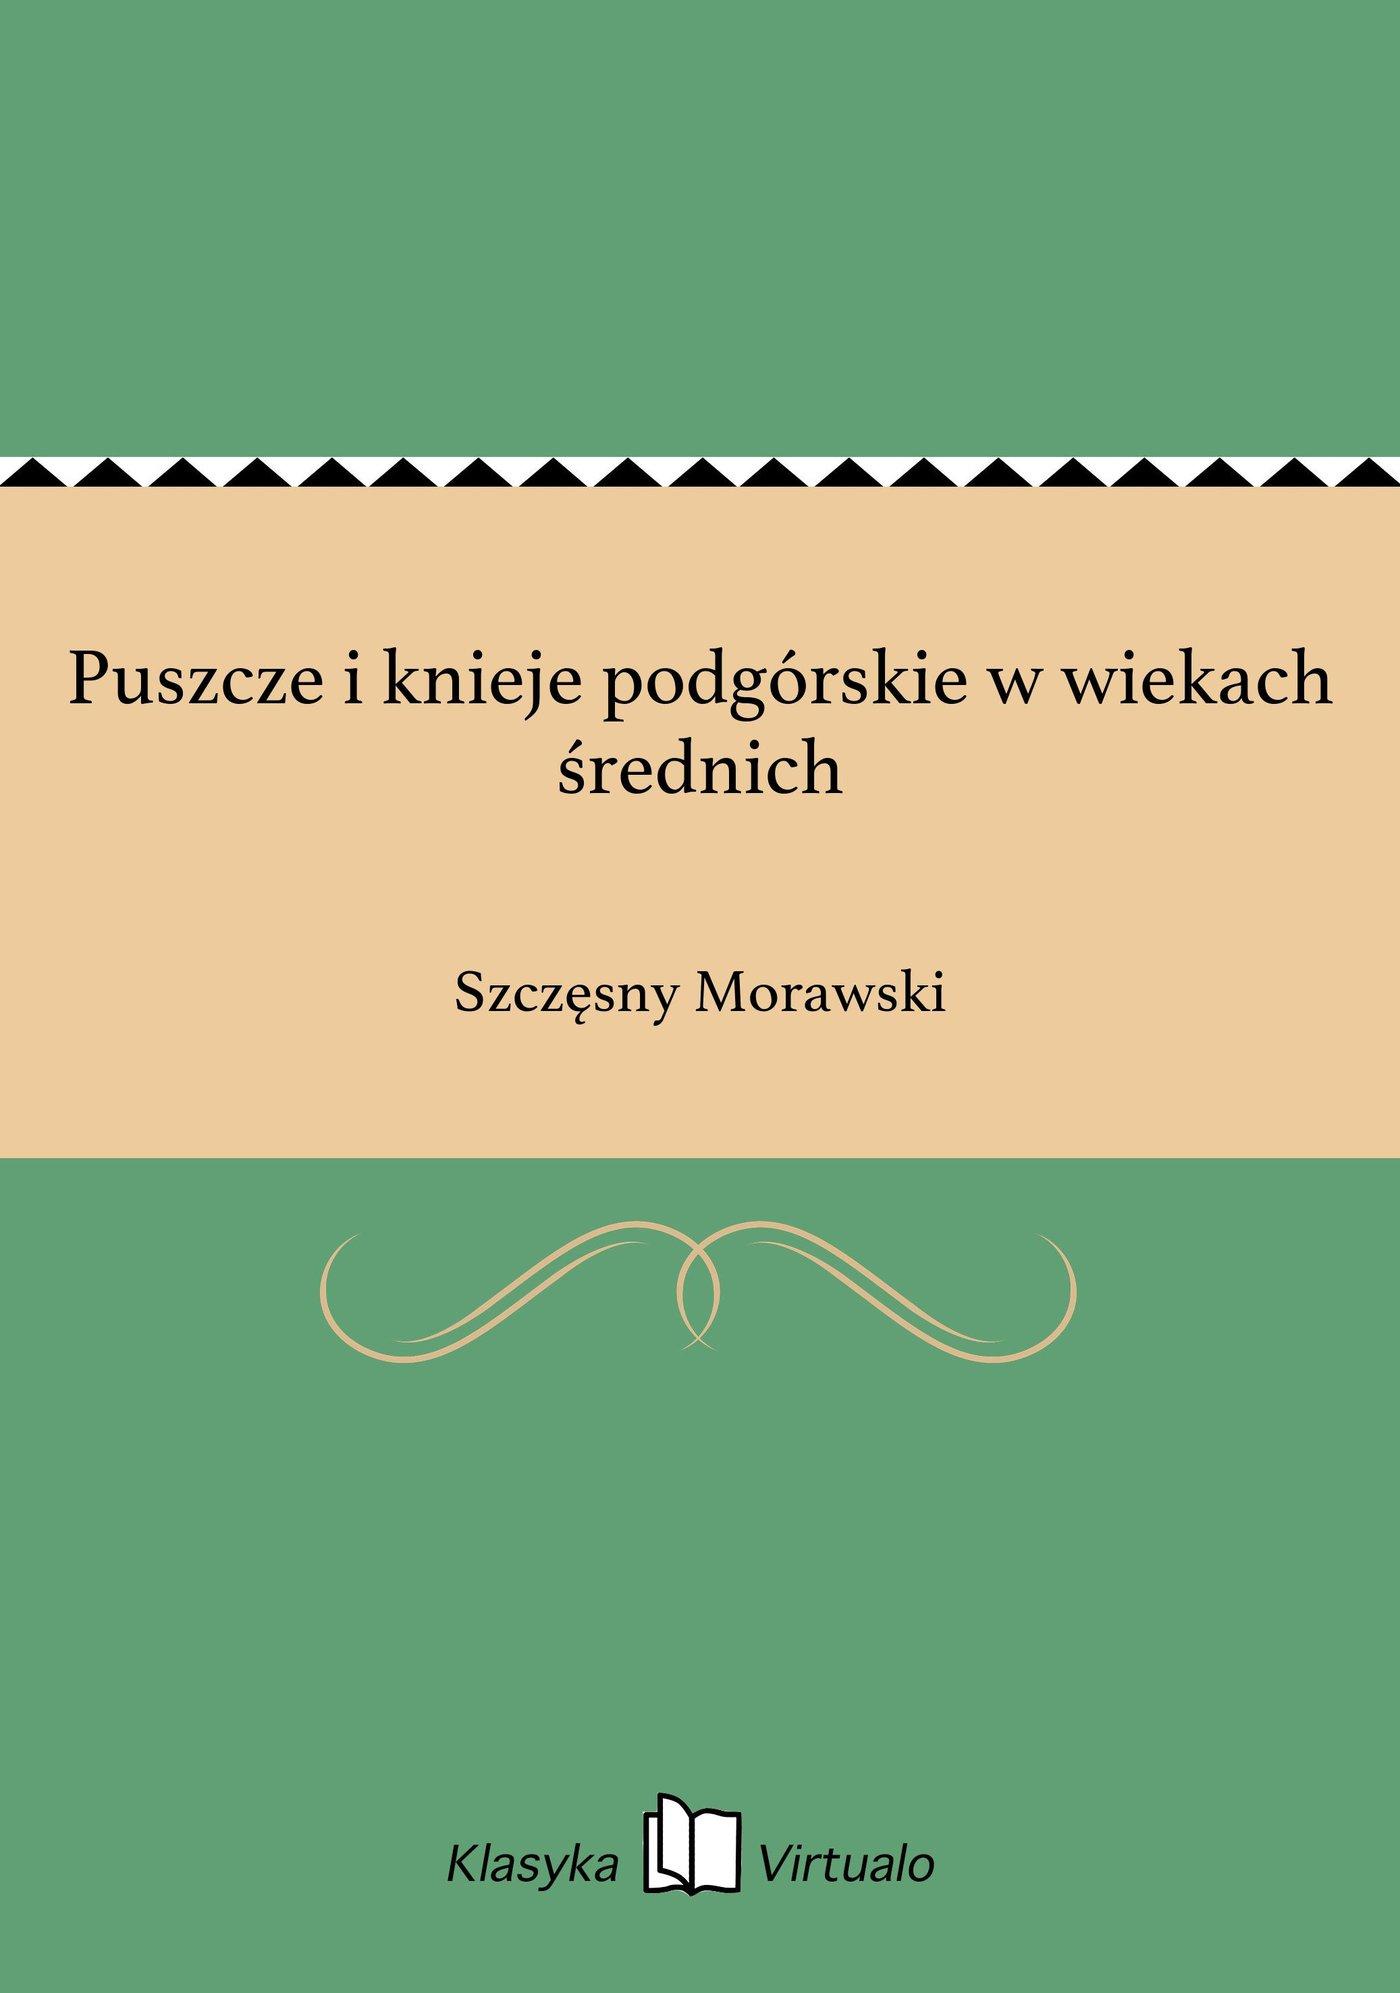 Puszcze i knieje podgórskie w wiekach średnich - Ebook (Książka EPUB) do pobrania w formacie EPUB